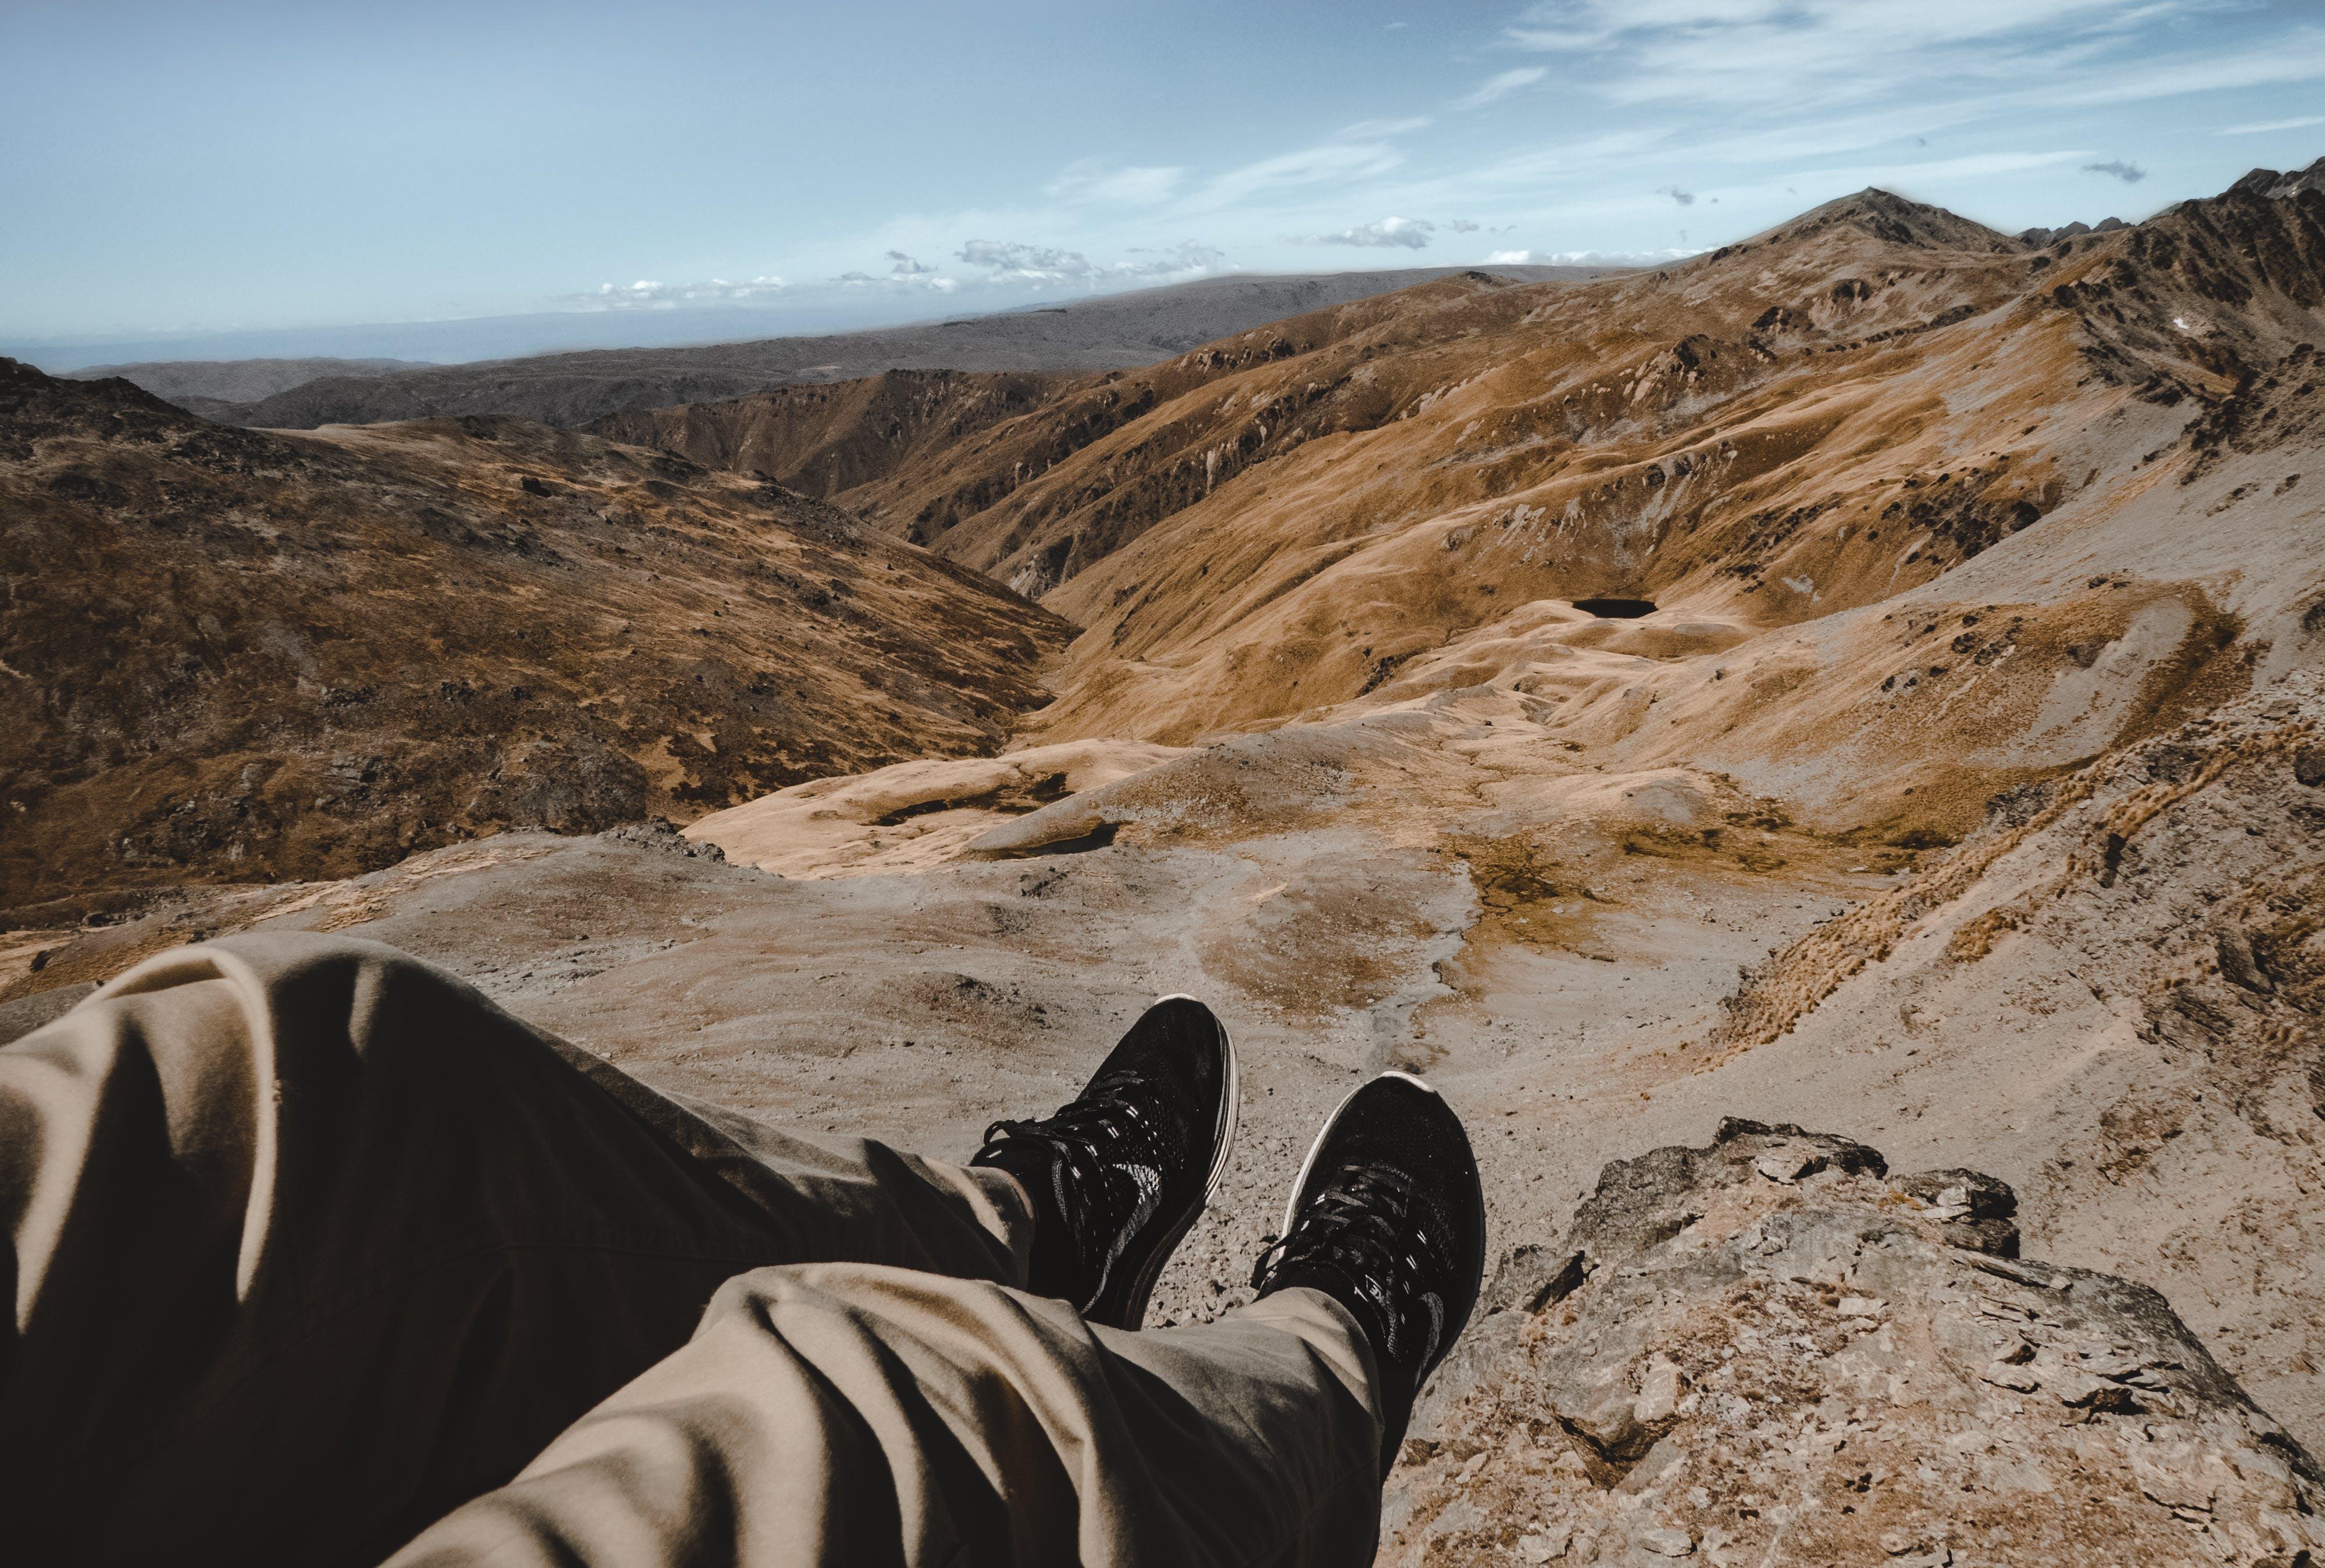 のどか, ズボン, 山岳, 日光の無料の写真素材